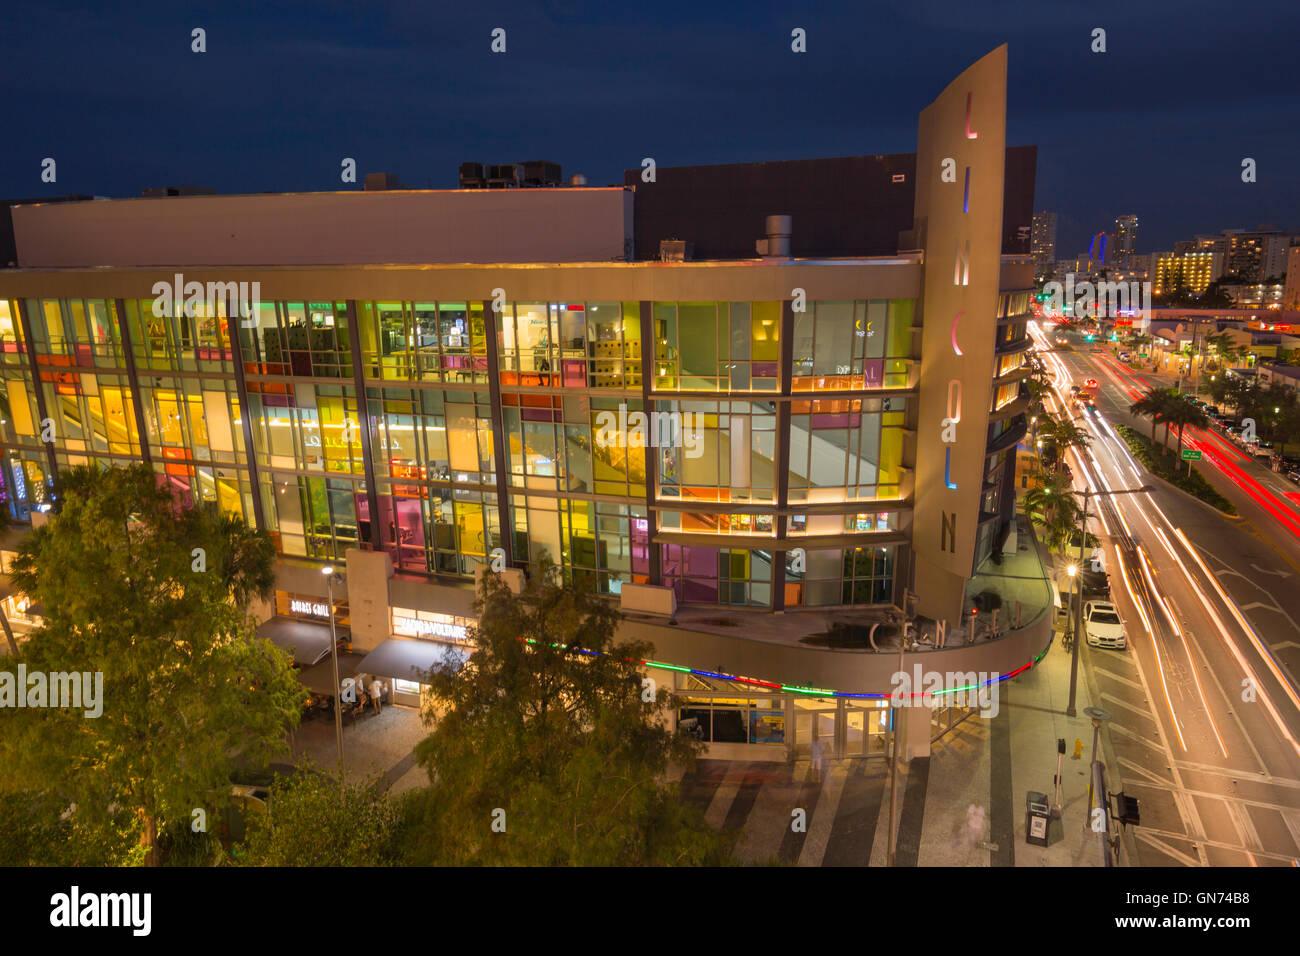 Lincoln Miami Beach Movie Theater